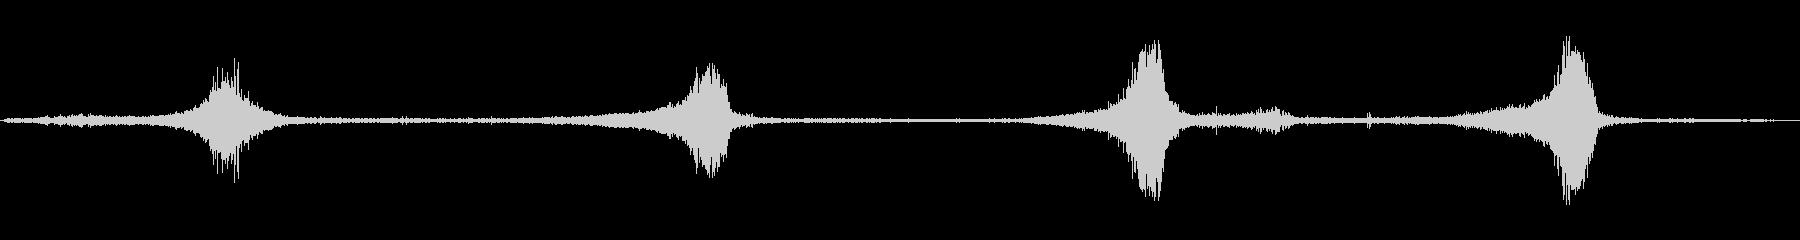 1985シェビーカマロ:4回ドライ...の未再生の波形